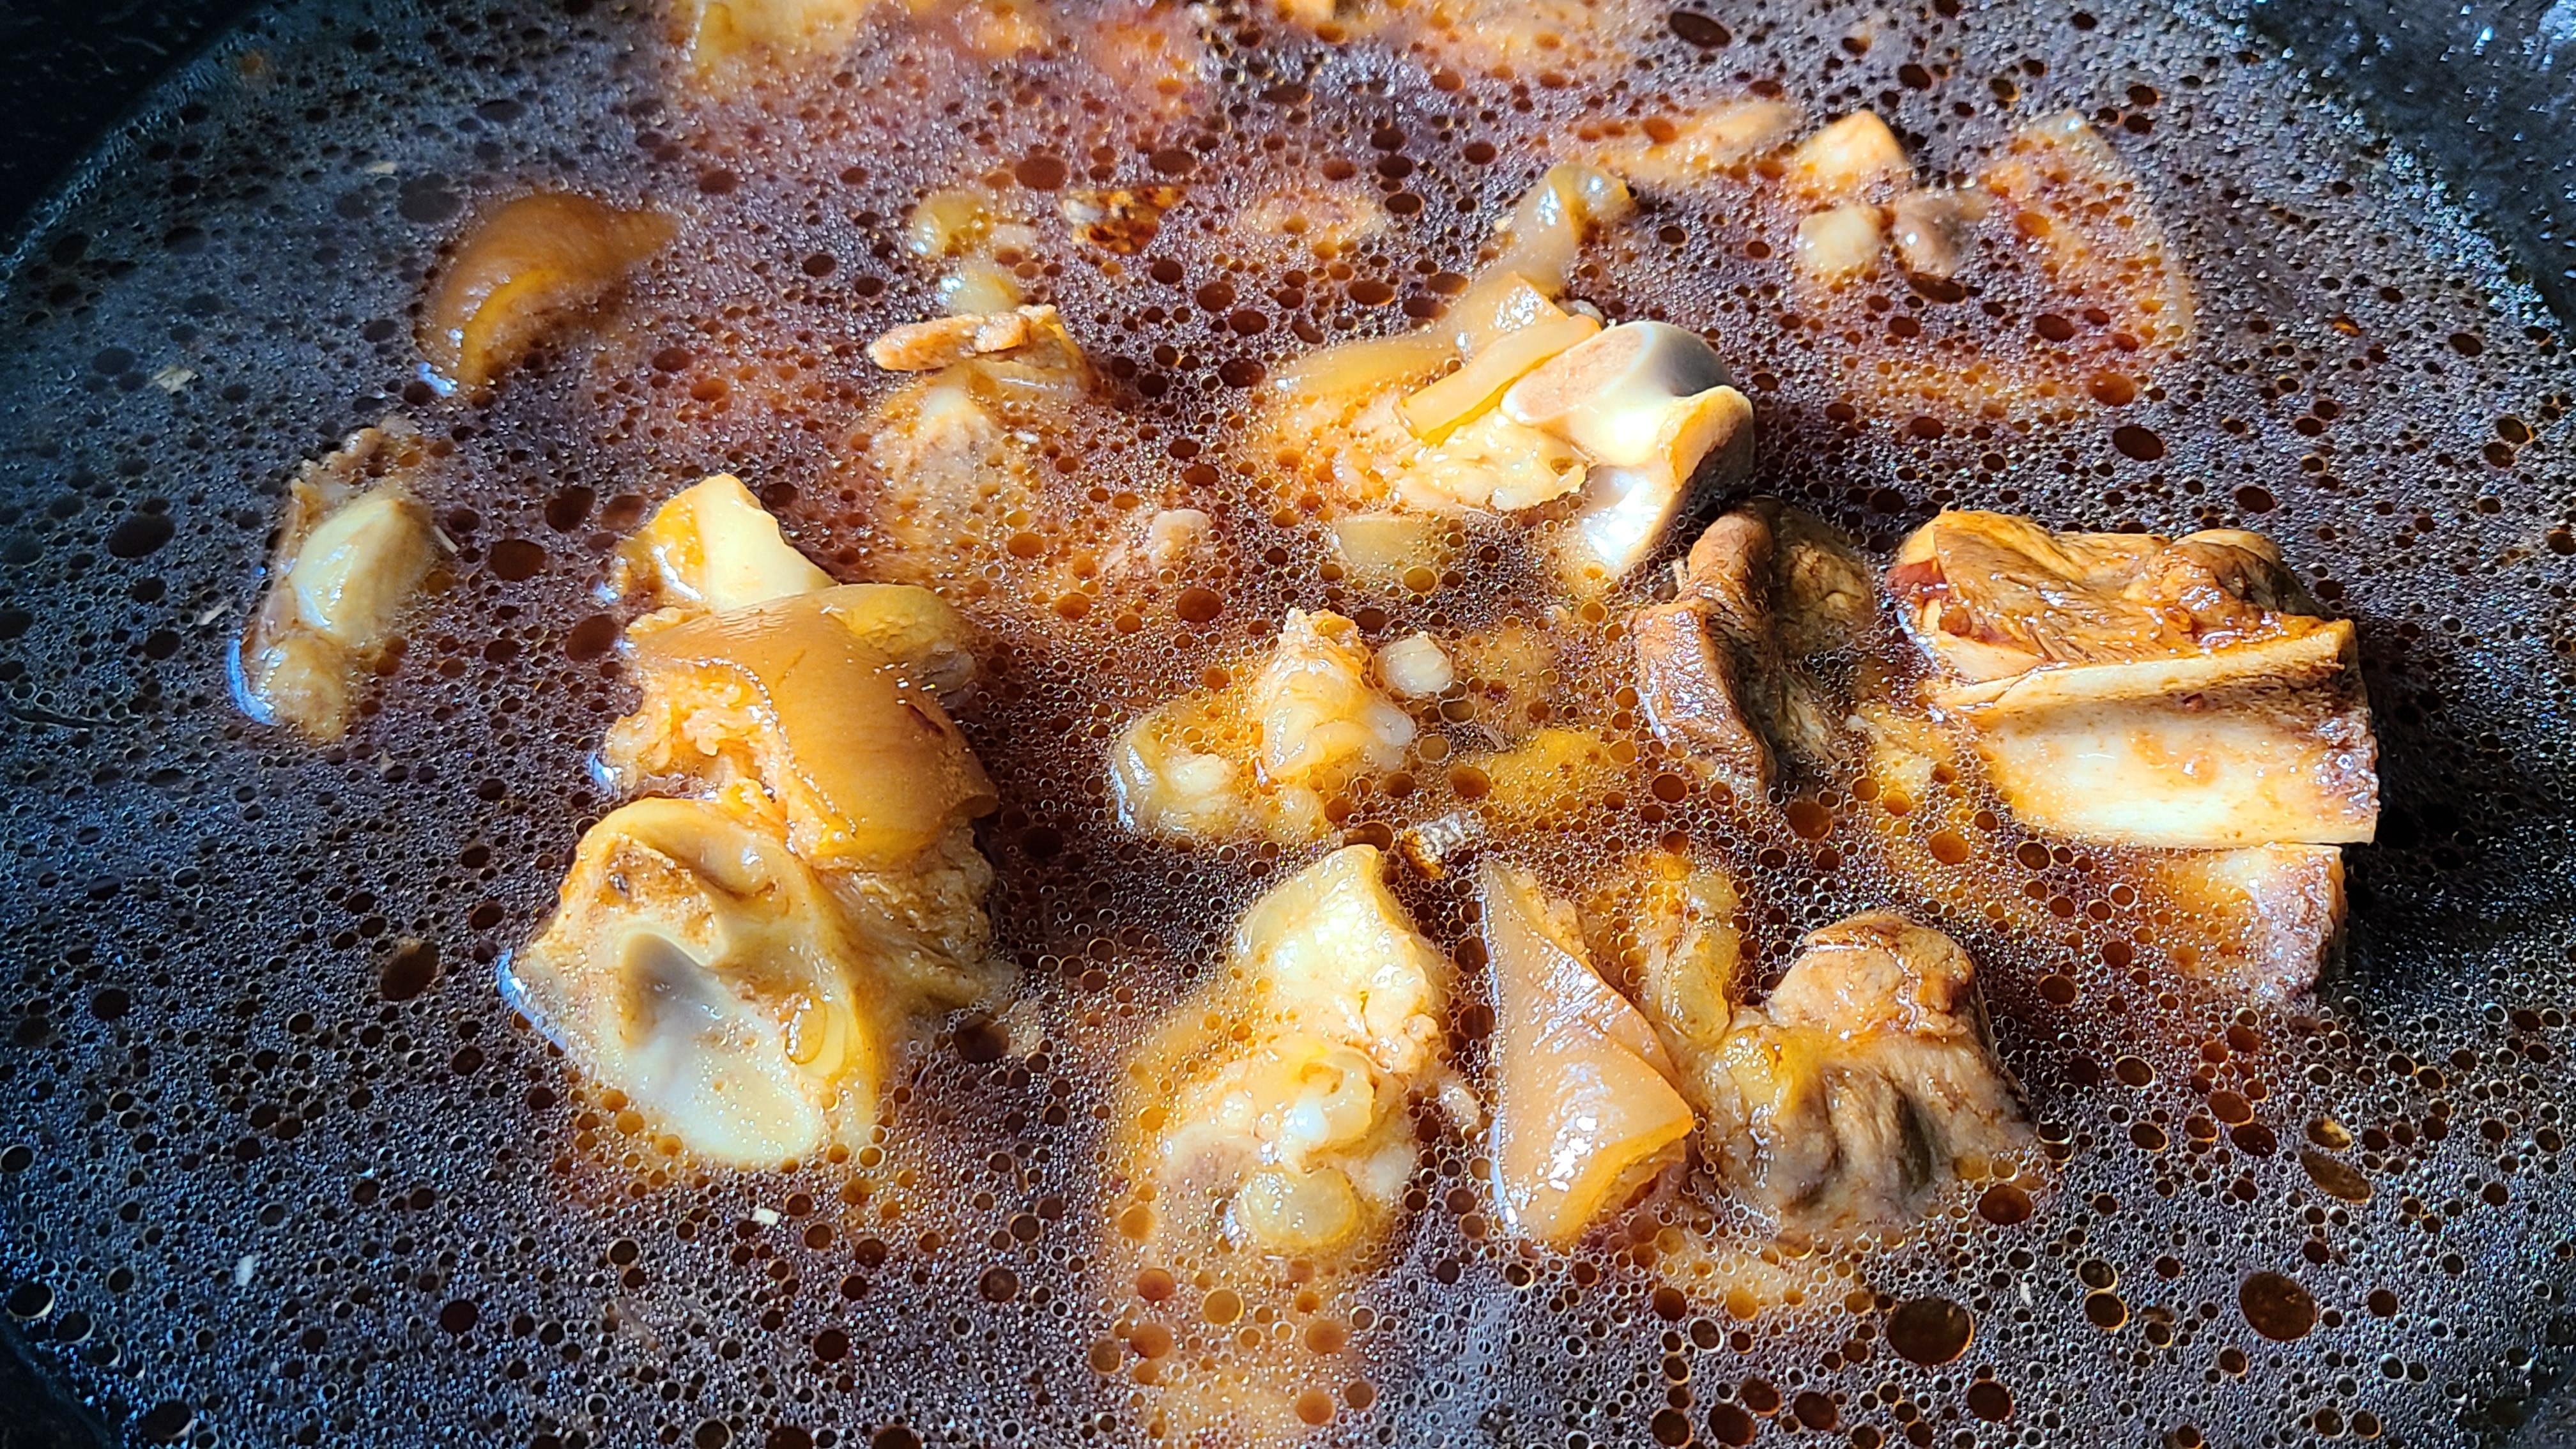 豬腳這個吃法太香了,很好吃的一道美食,簡單家常又下飯